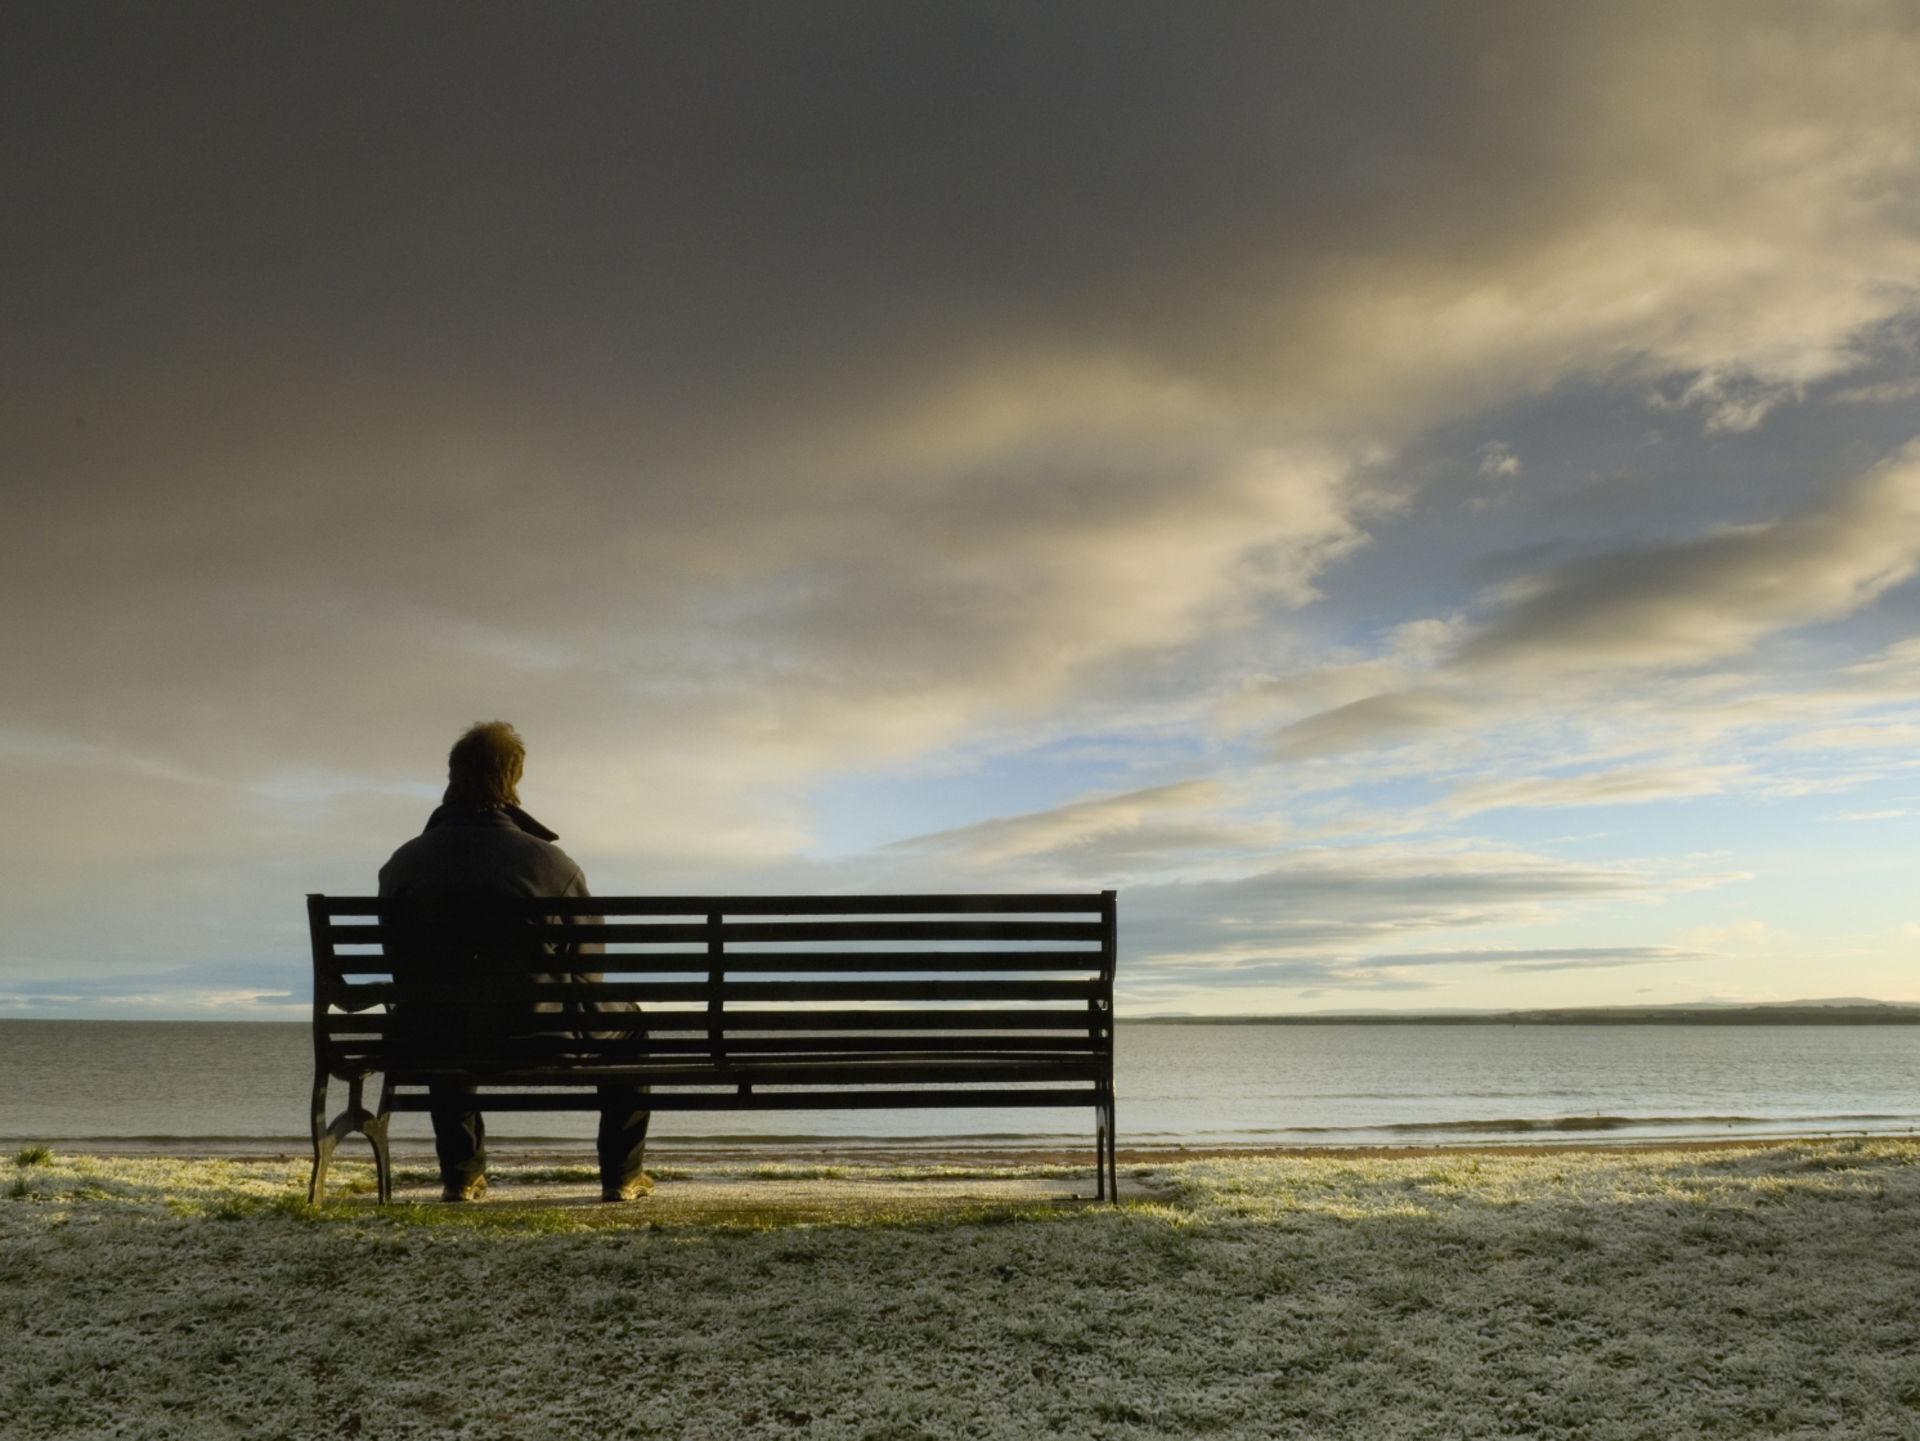 профилактическим картинки с одиночеством и ожиданием рецепт отличается